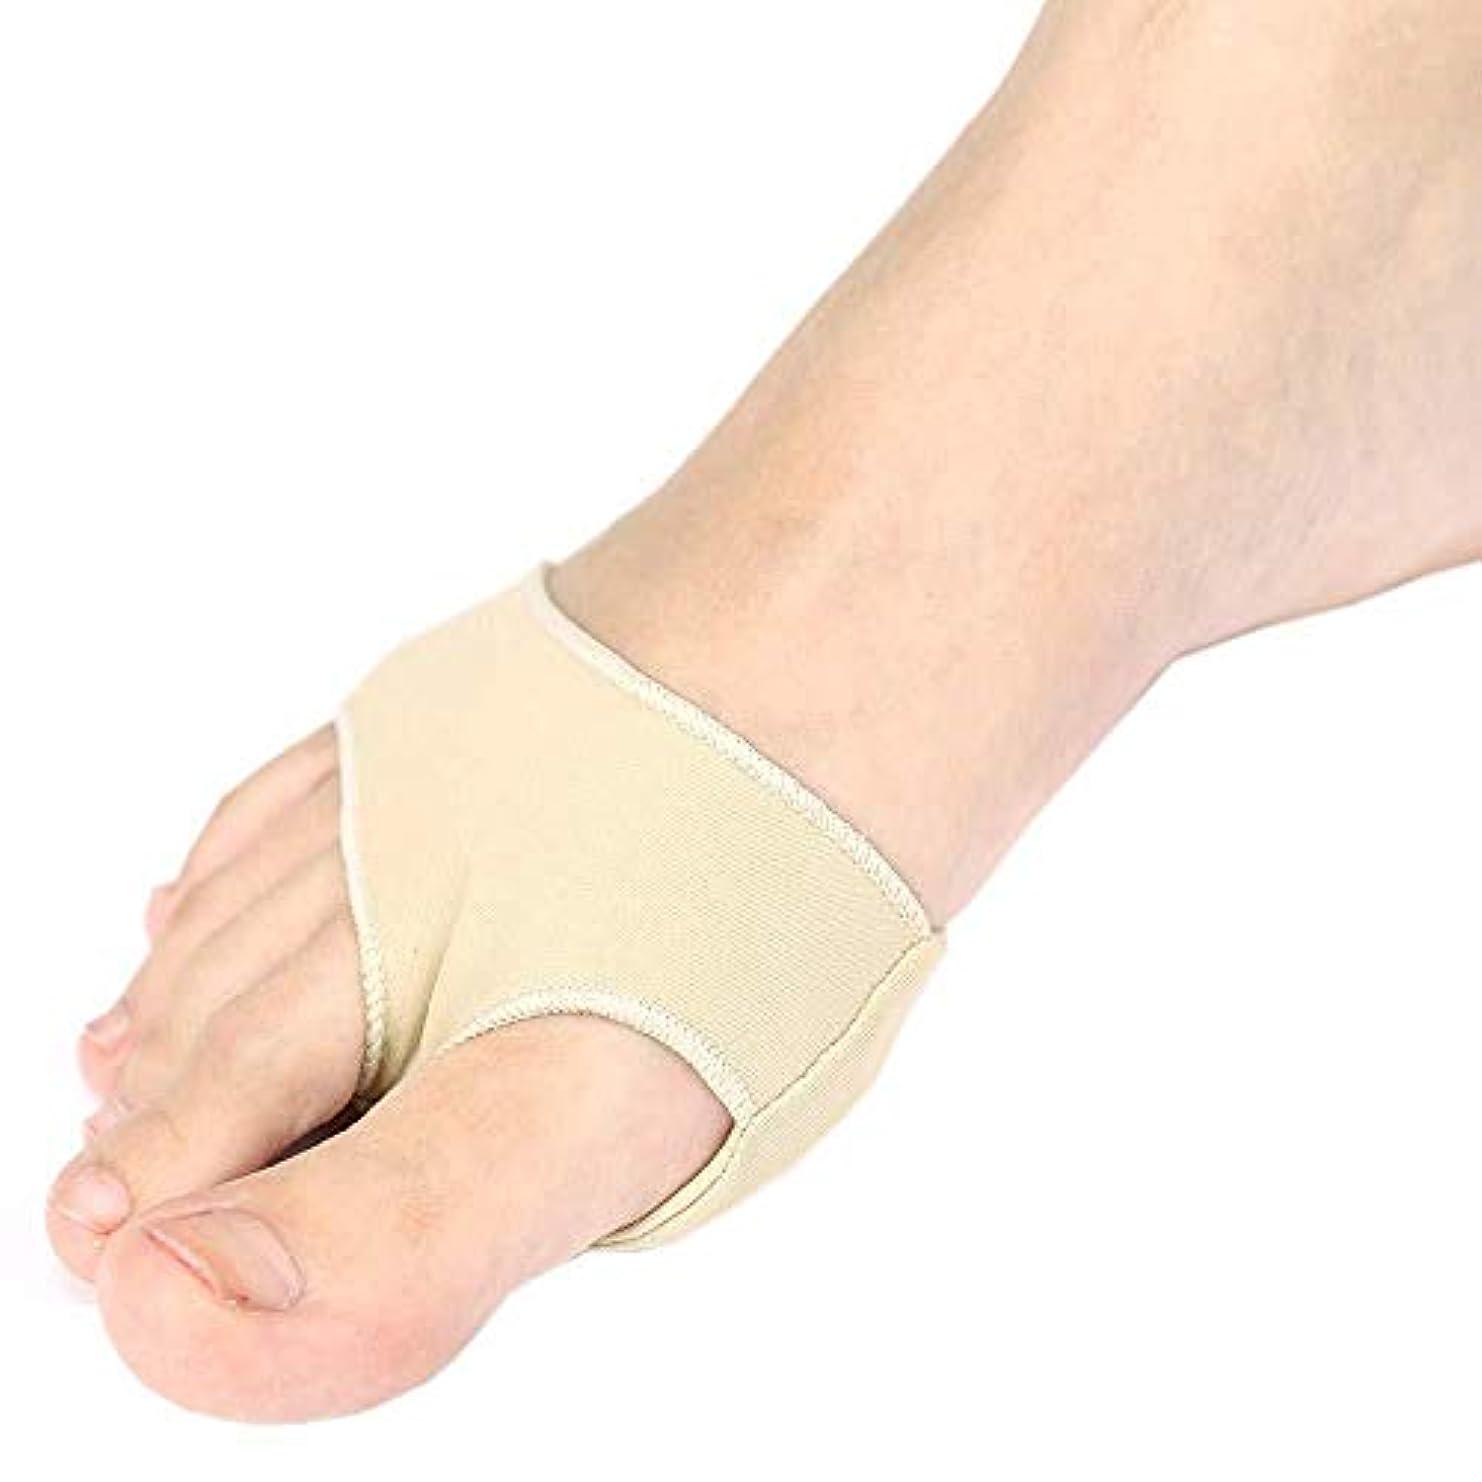 甥遊び場保持つま先と外反の分離のためのつま先セパレーター、足の親指矯正器、つま先矯正器、装具つま先セパレーター,L